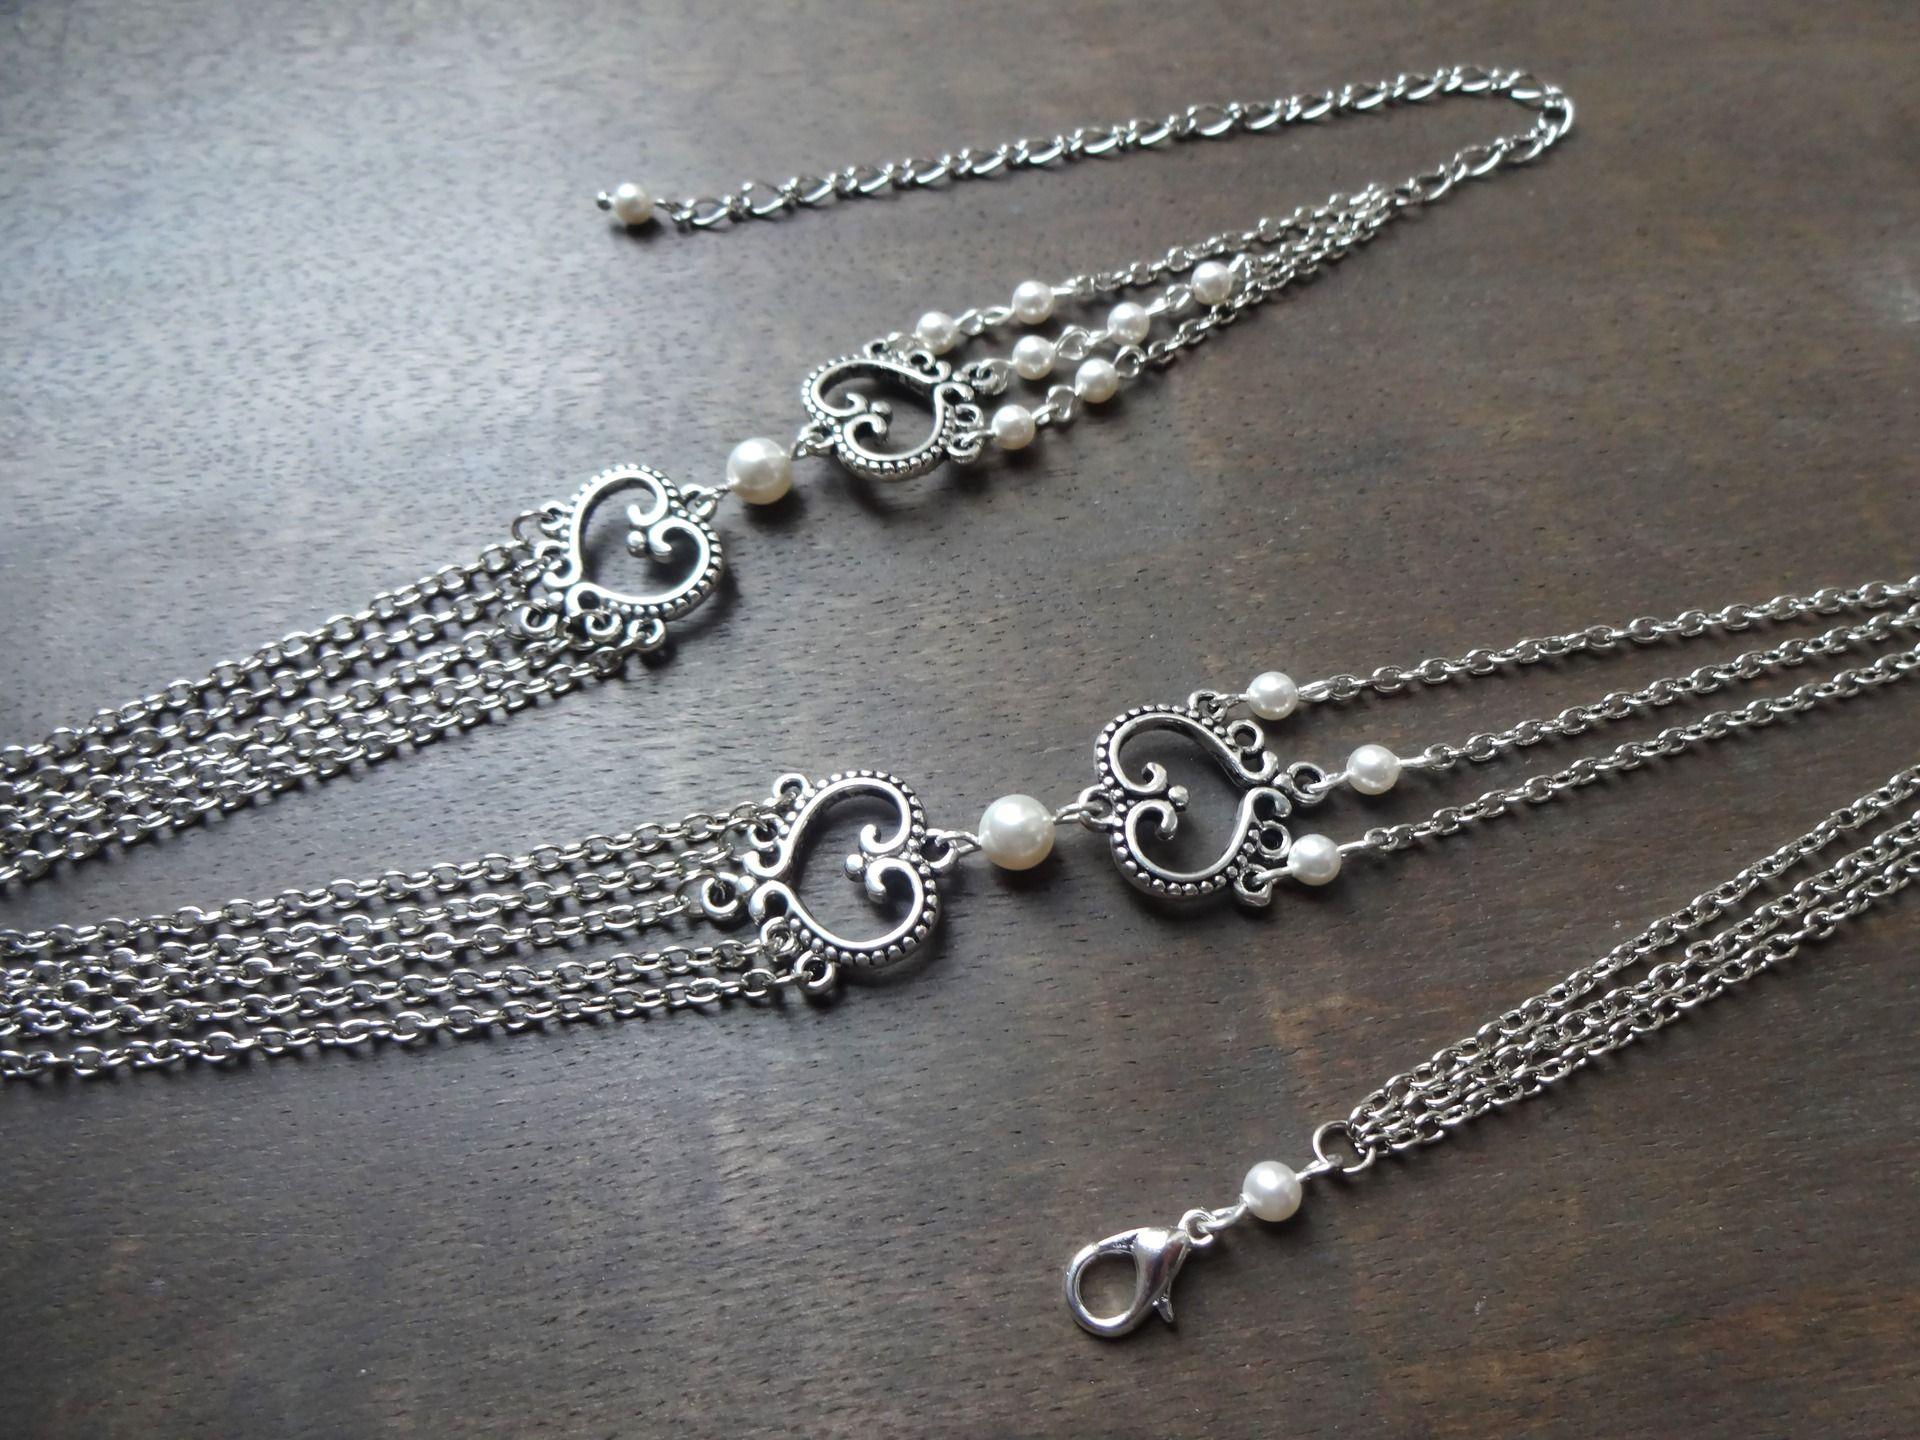 Headband mariage perles nacrées blanc en cristal swarovsky avec arabesques en métal argent platine vieilli : Accessoires coiffure par les-bijoux-d-aki